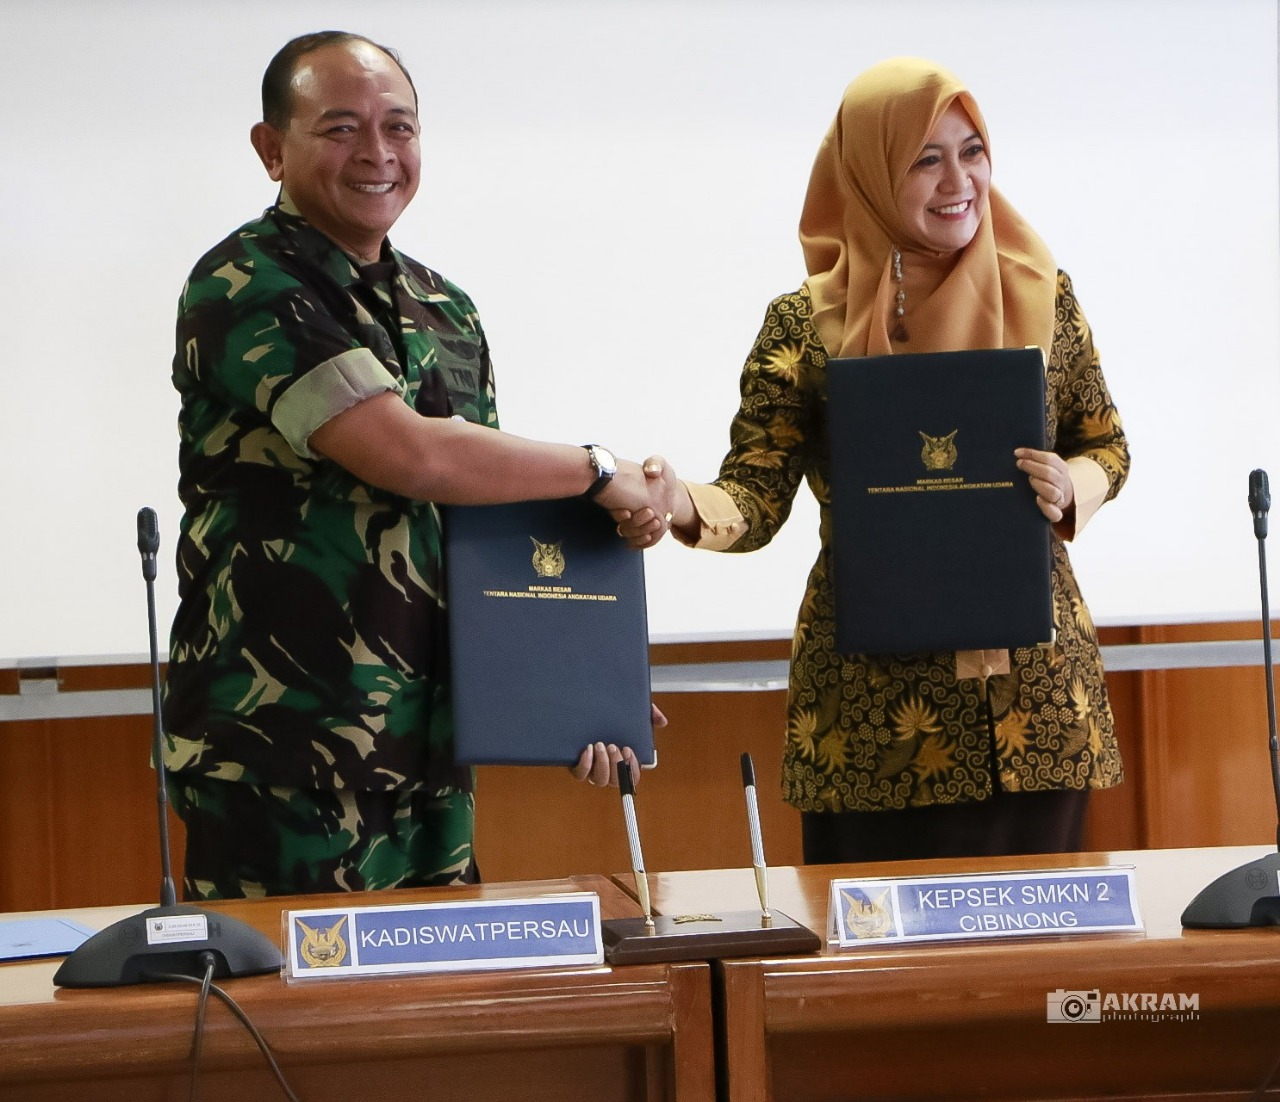 Kerjasama antara TNI Angkatan Udara dengan SMKN 2 Cibinong